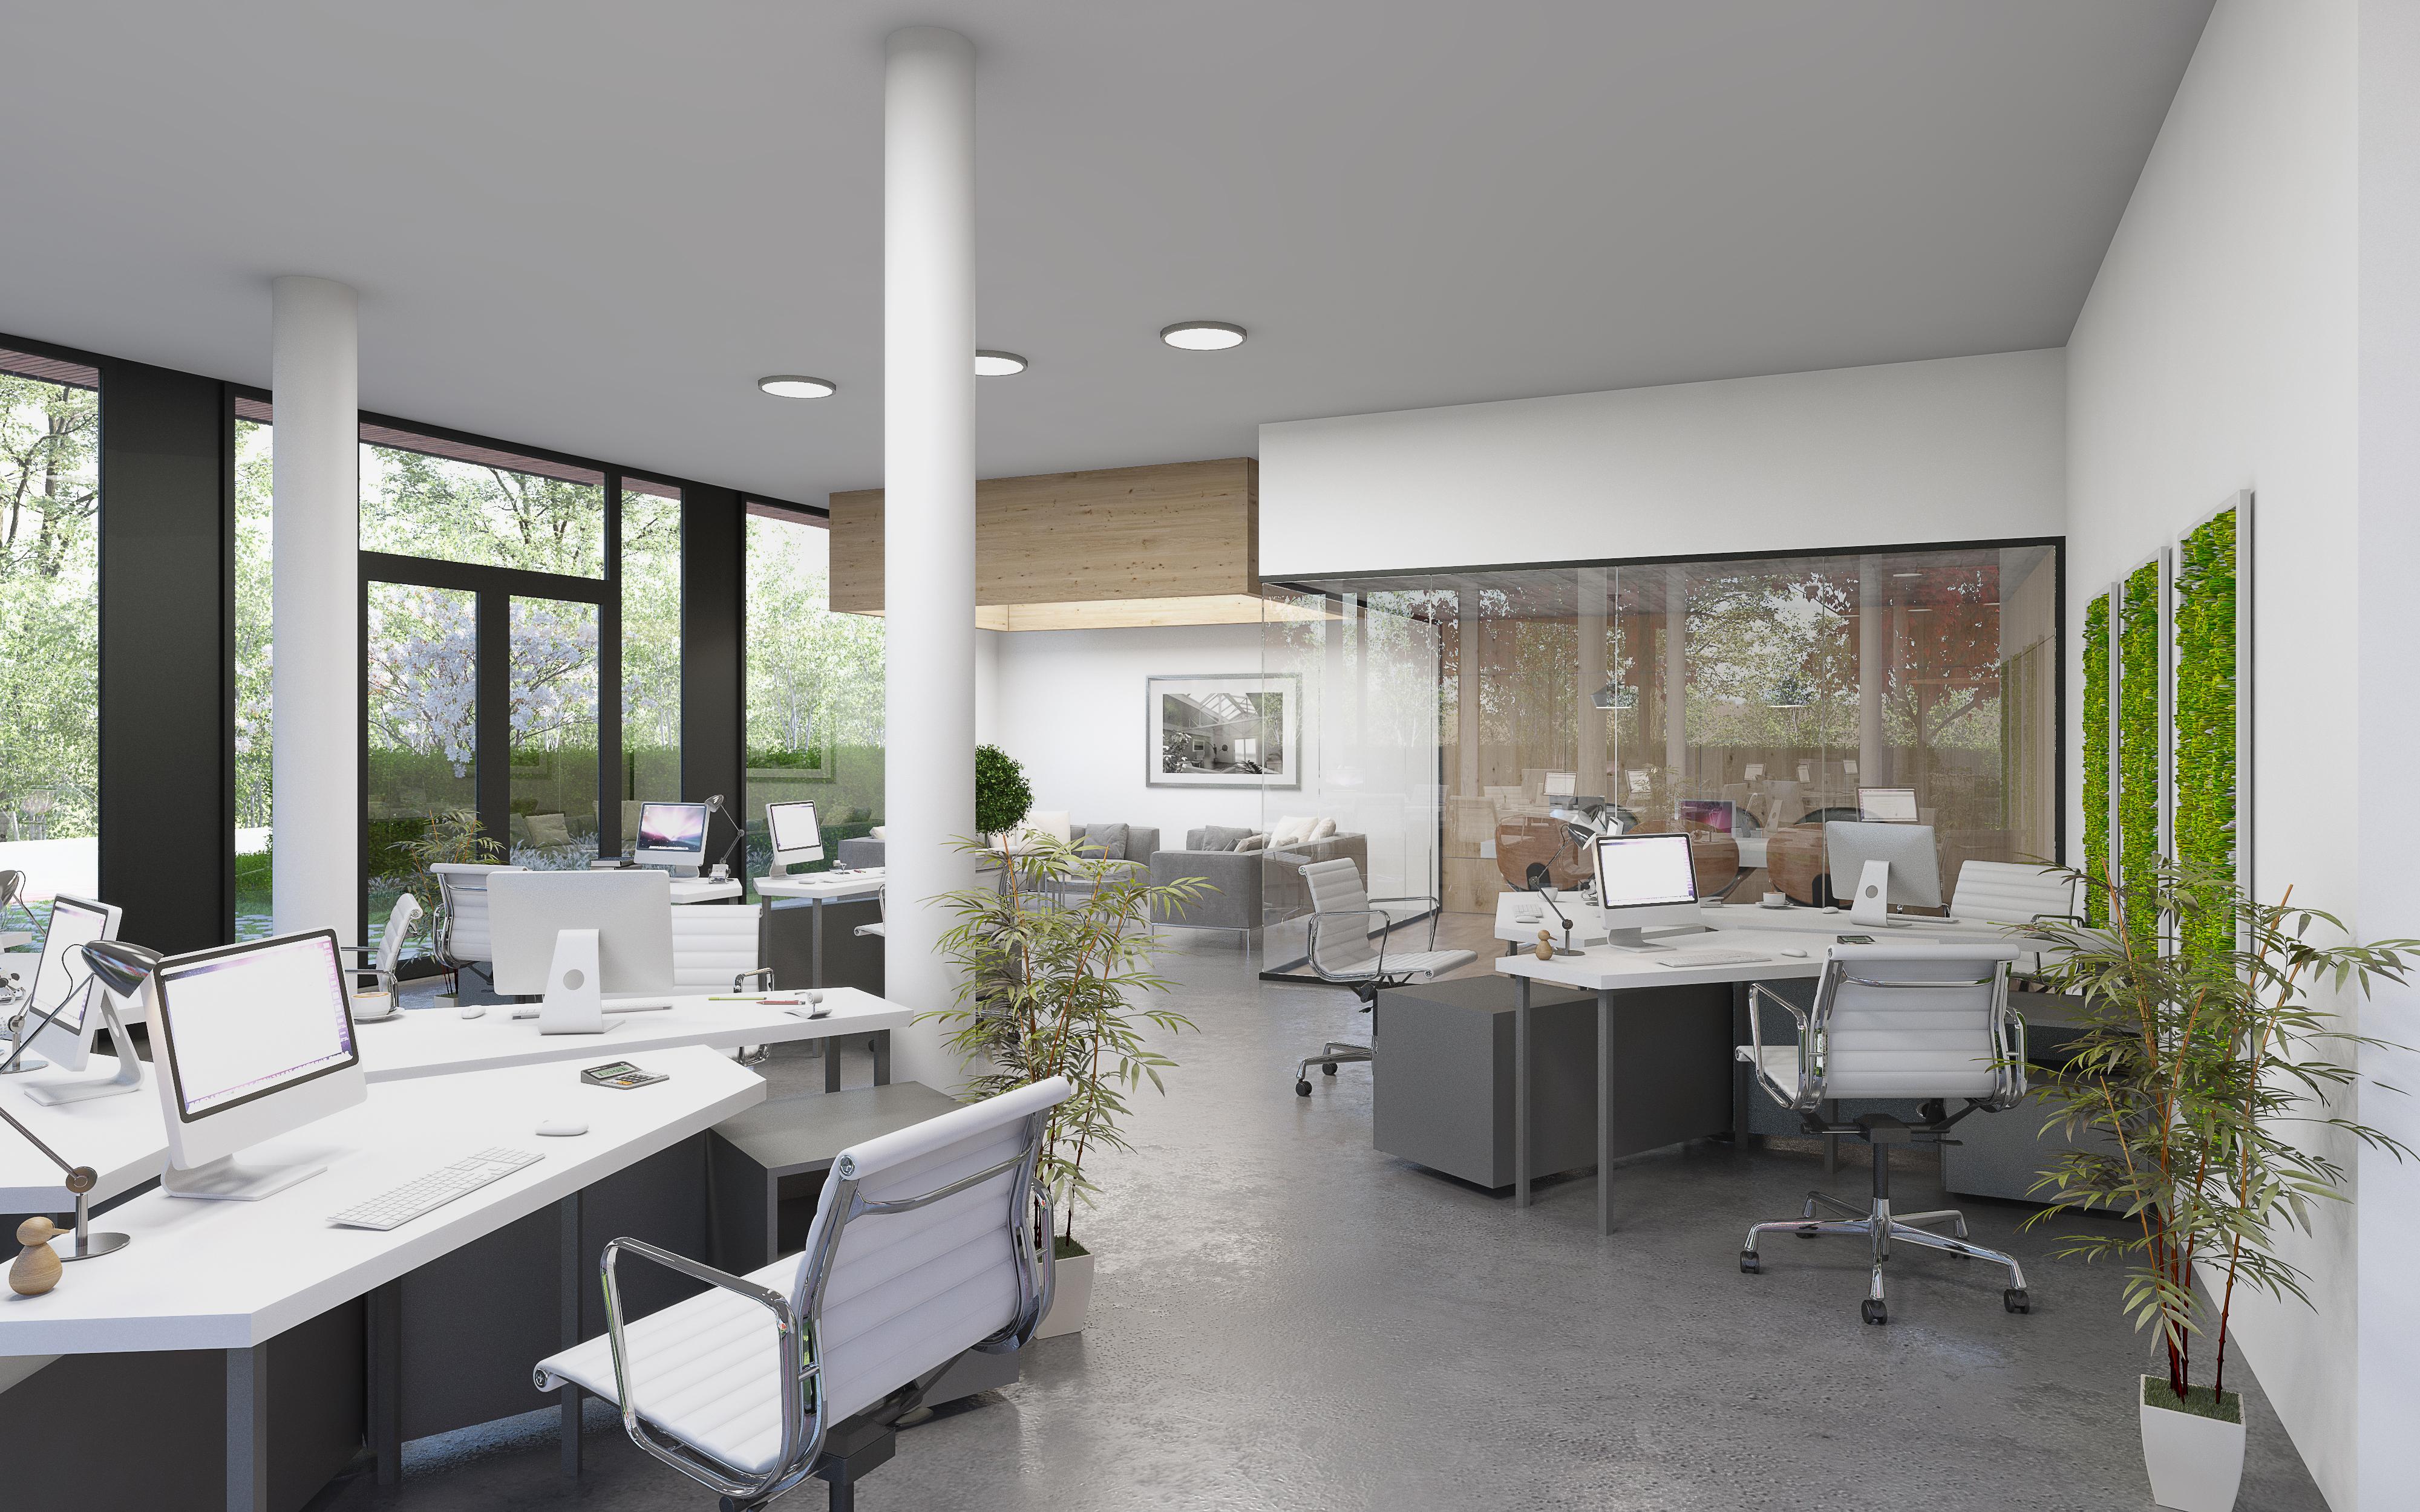 interieur kantoor Beringen